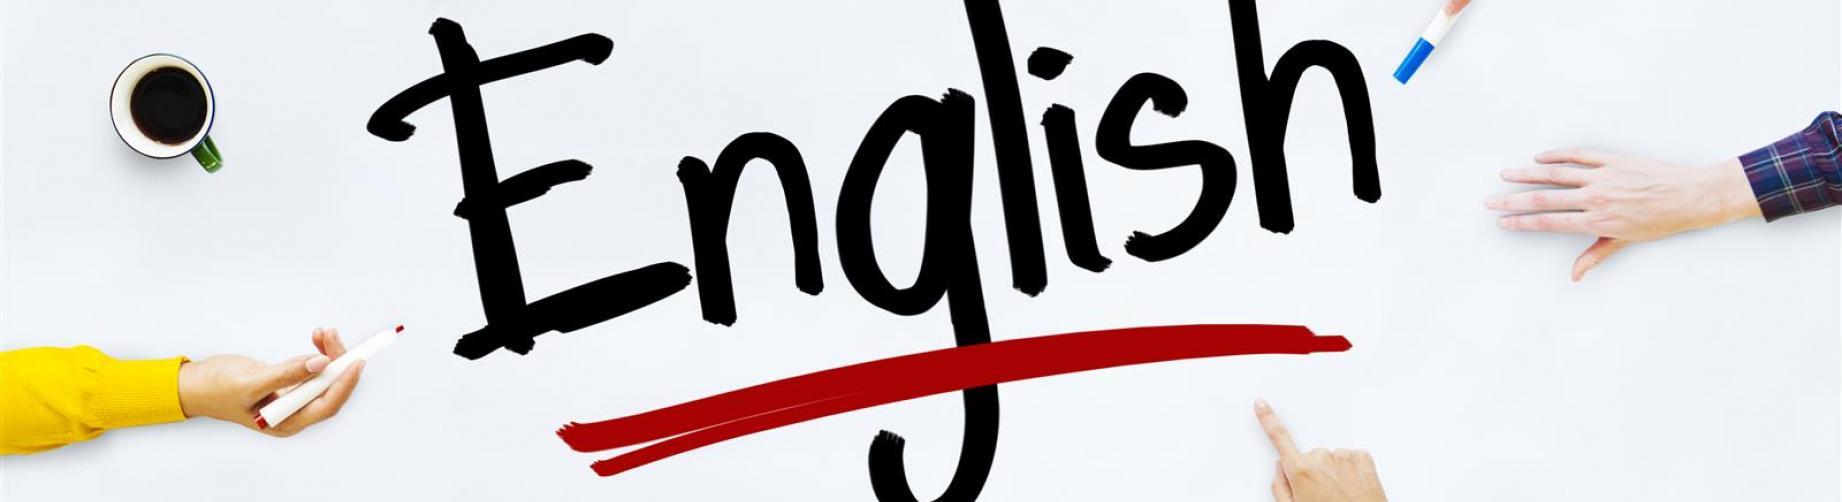 Kurz angličtiny pre začiatočníkov